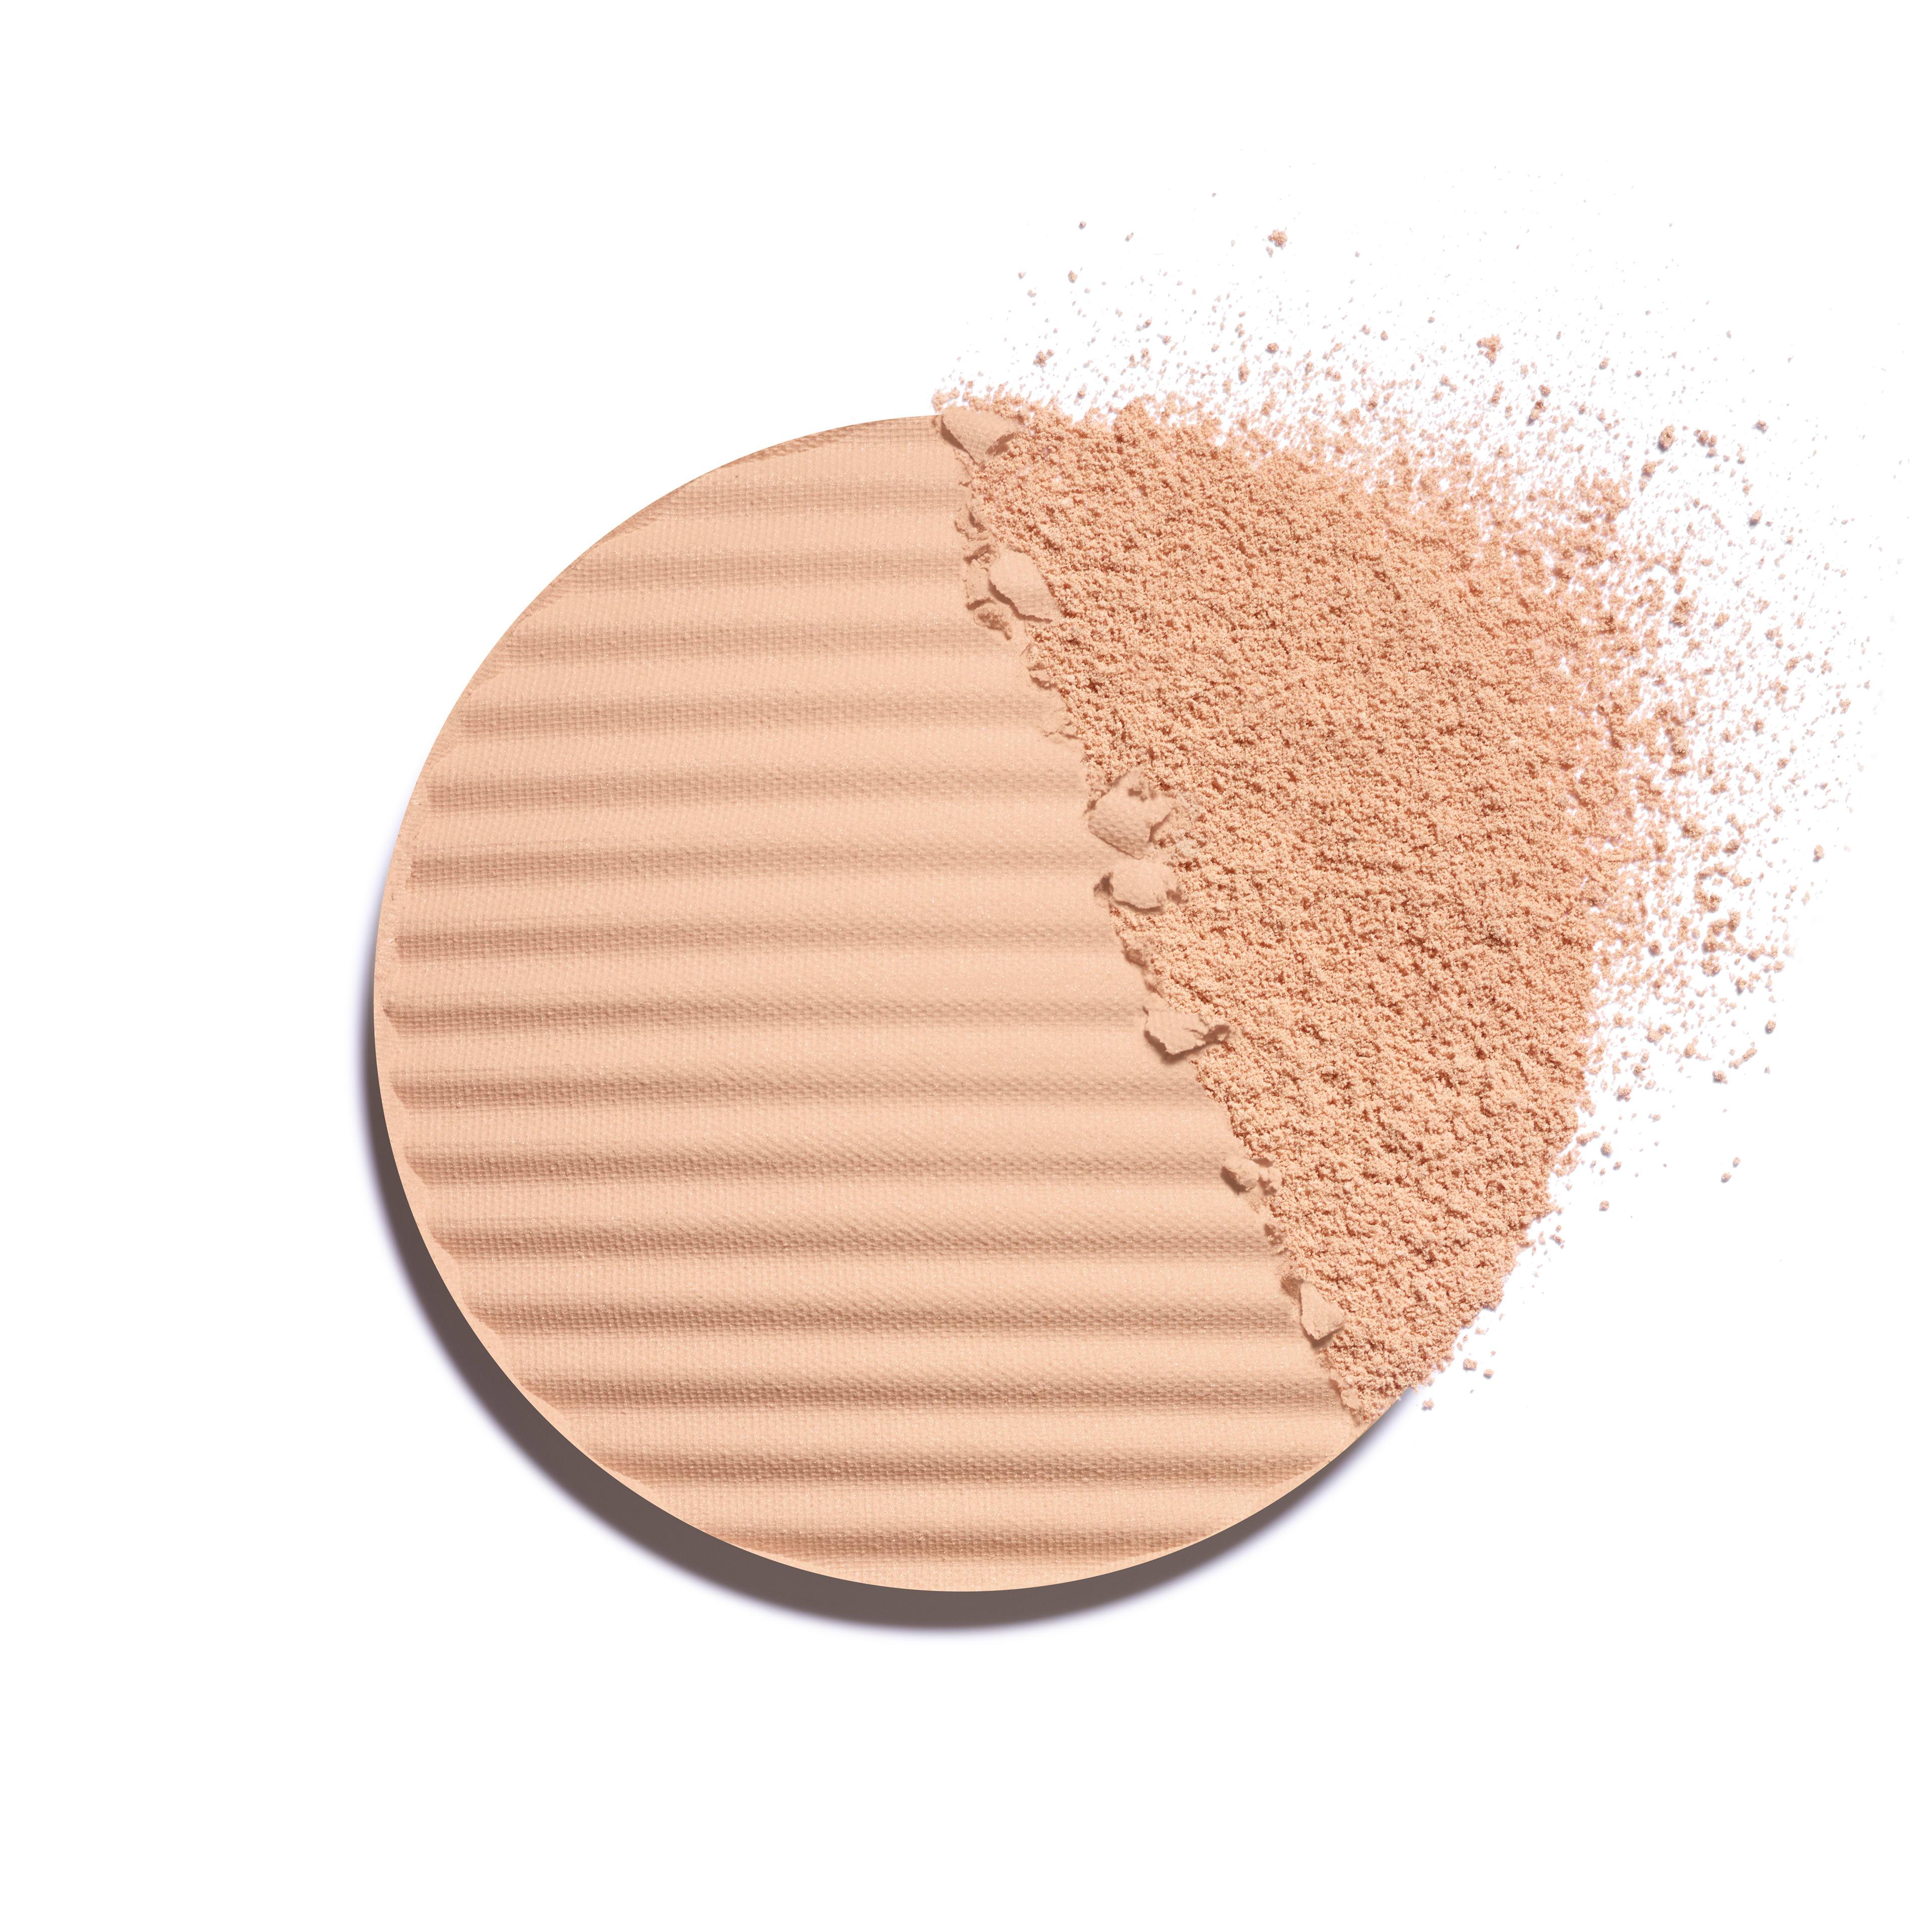 LES BEIGES - makeup - 12g - Просмотр основной текстуры